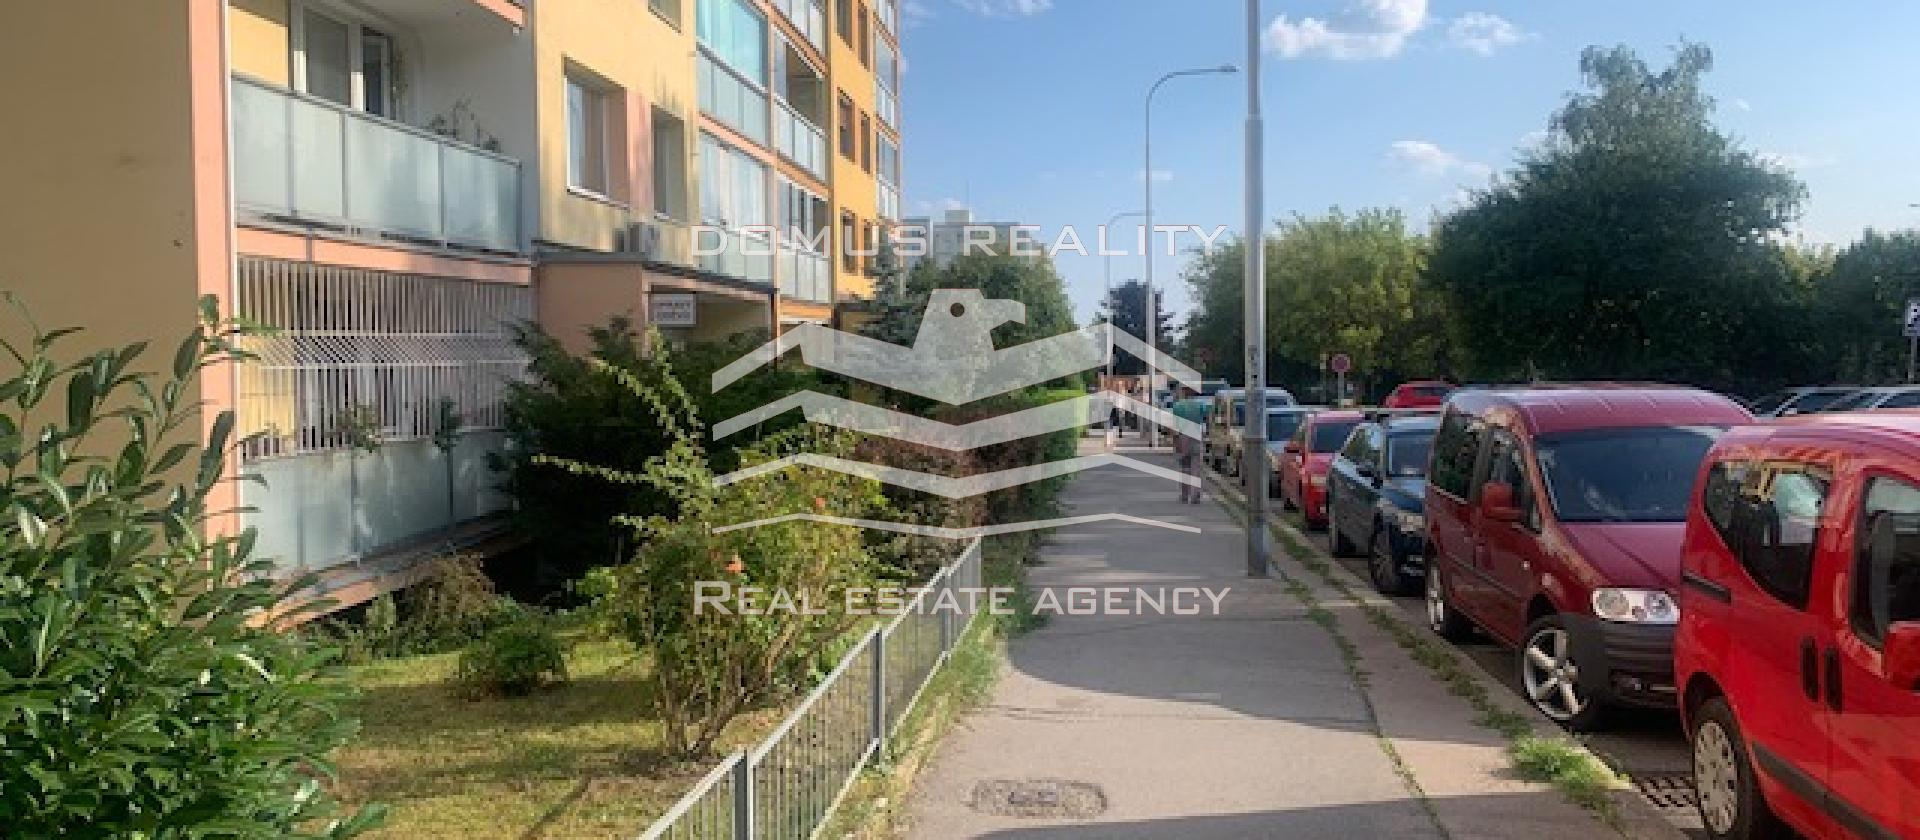 Nabízíme k pronájmu krásný a kompletně zařízený byt 4+1  o celkové užitné ploše 100 m2